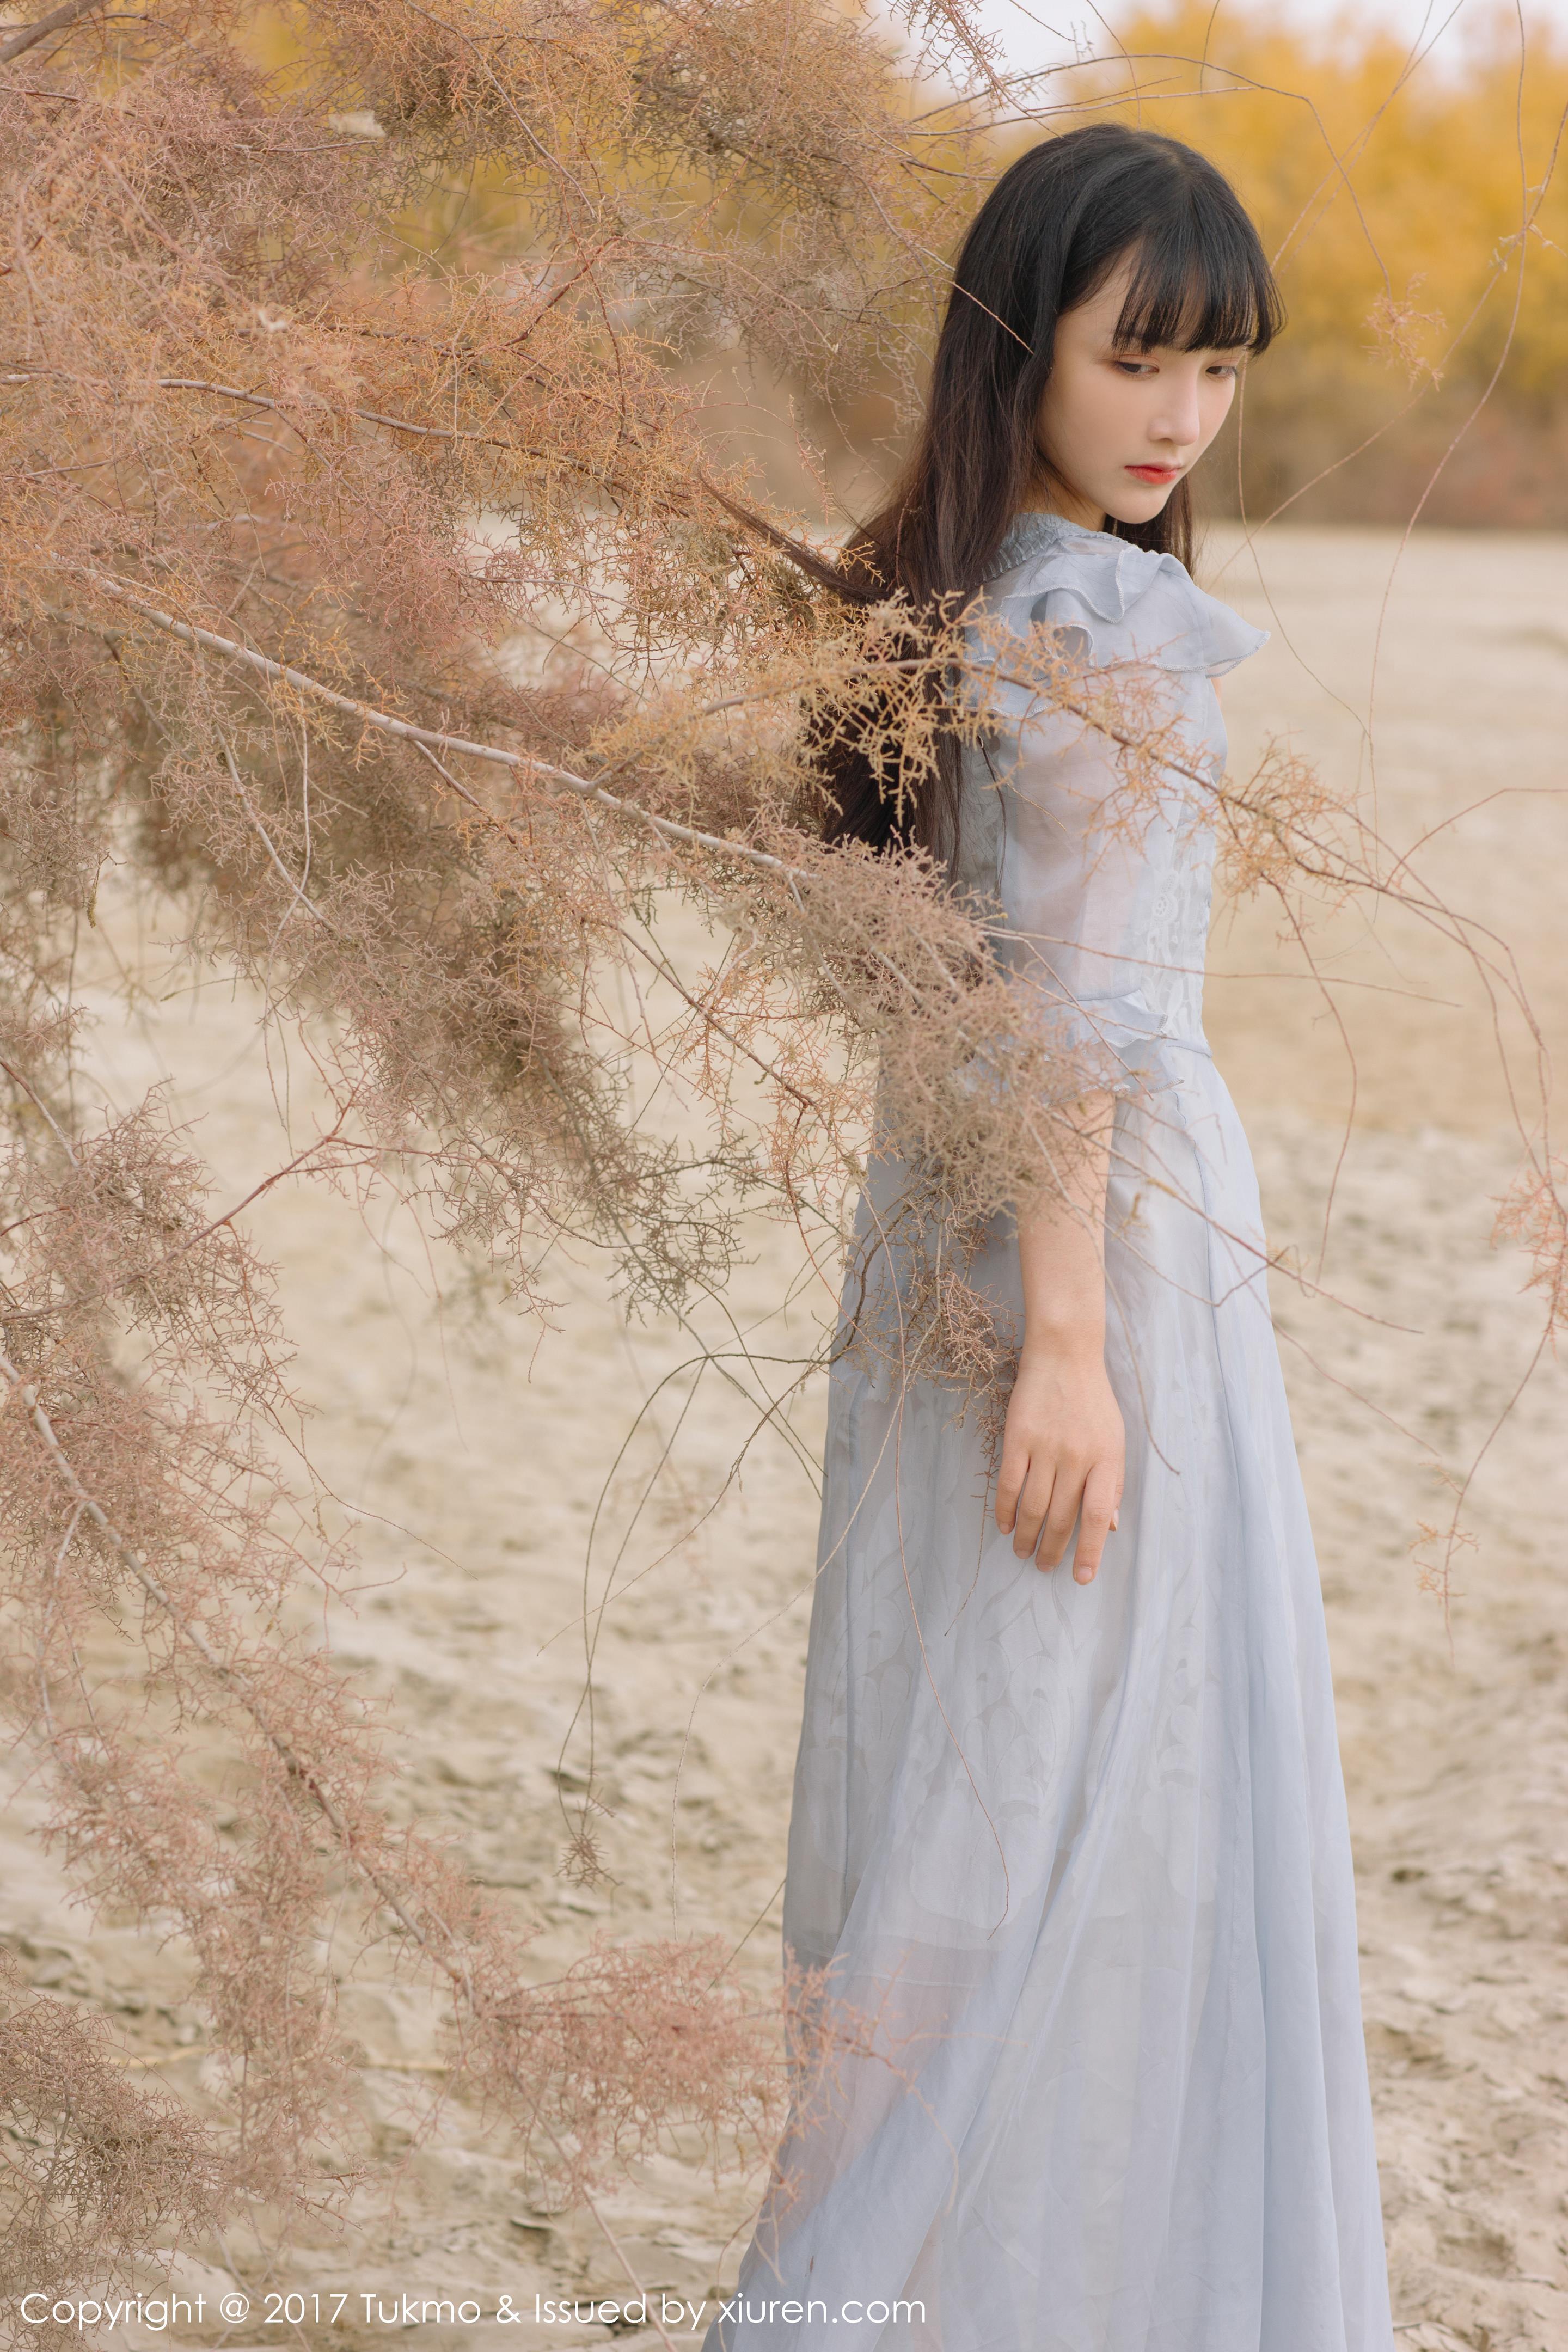 [Tukmo兔几盟]TKM20170926VOL0104 清纯可爱小萝莉 之应 淡蓝色蕾丝连衣裙与黑色透视连衣裙私房写真集